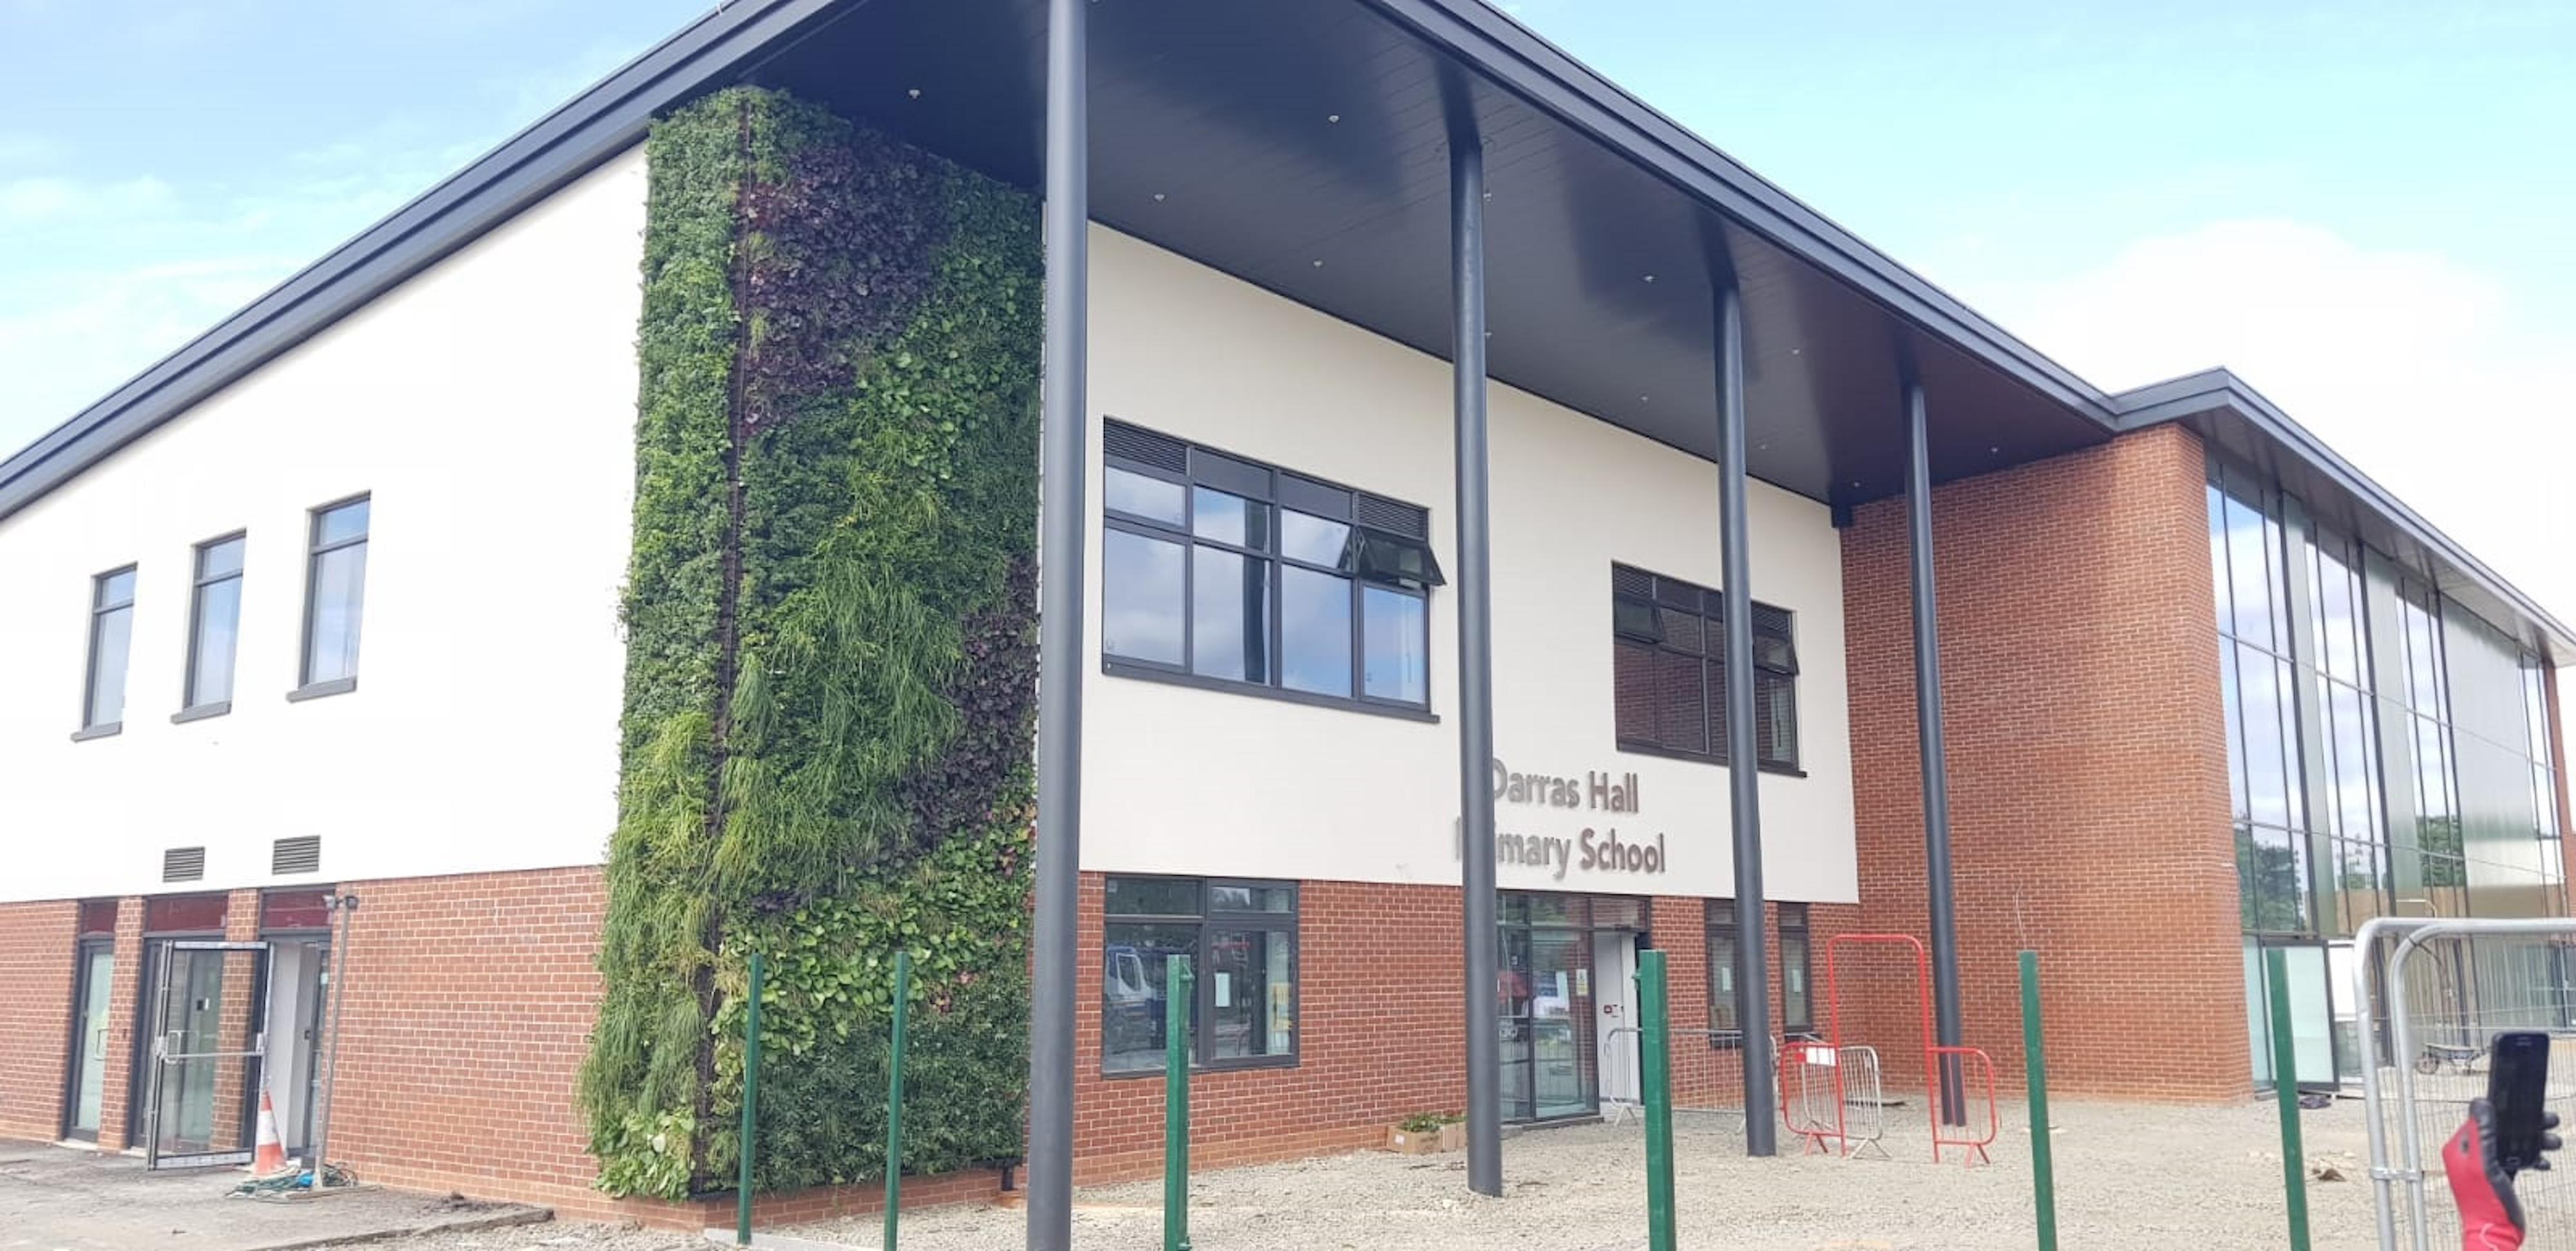 Darras Hall Primary School